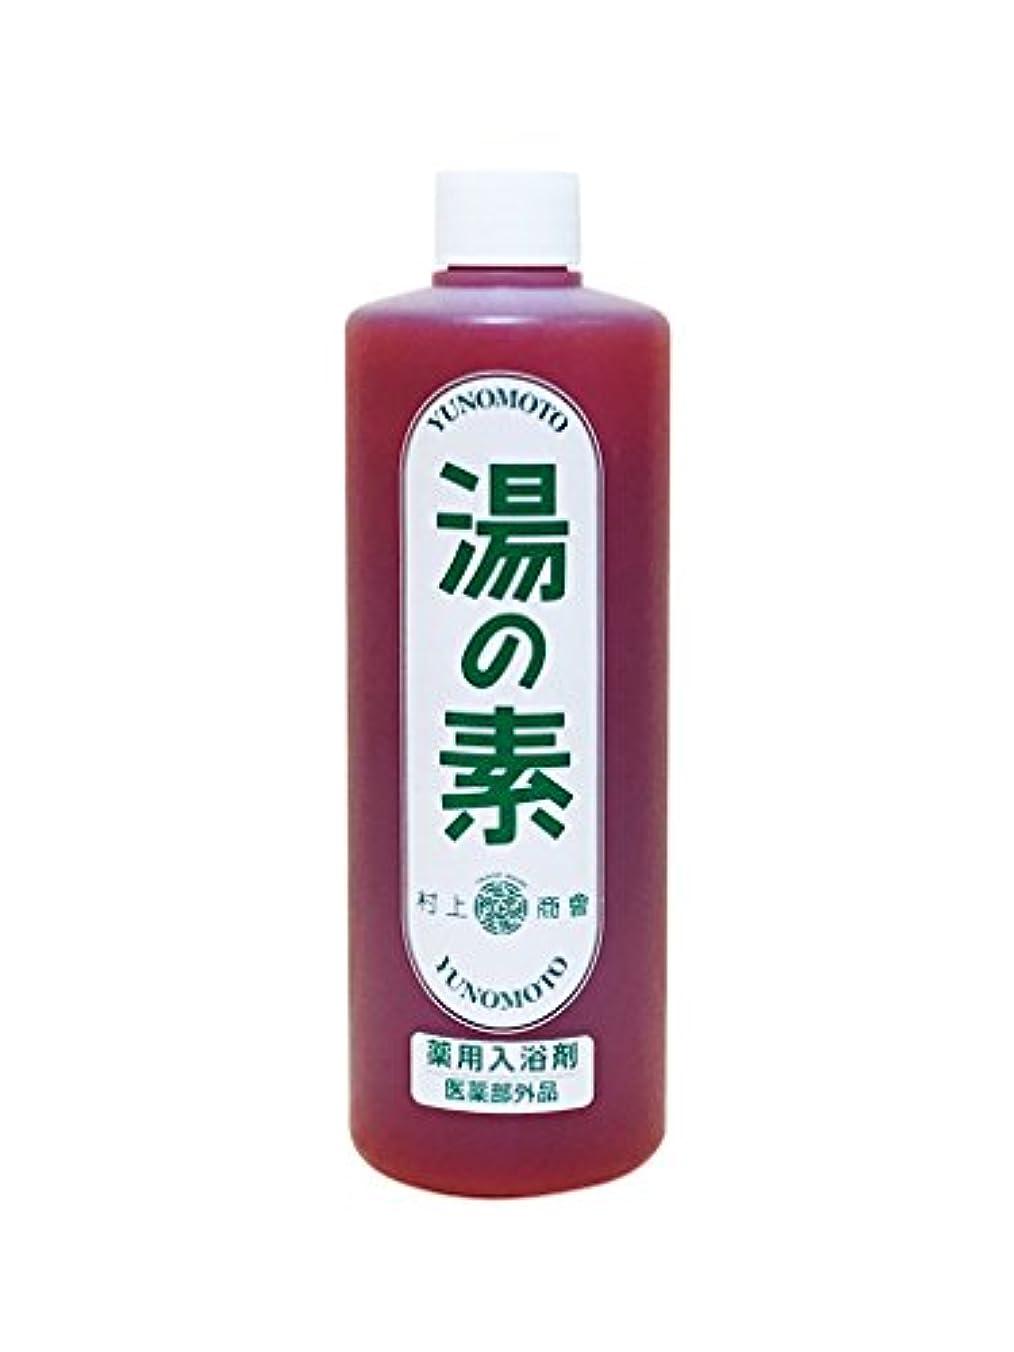 ええ石炭モールス信号硫黄乳白色湯 湯の素 薬用入浴剤 (医薬部外品) 490g